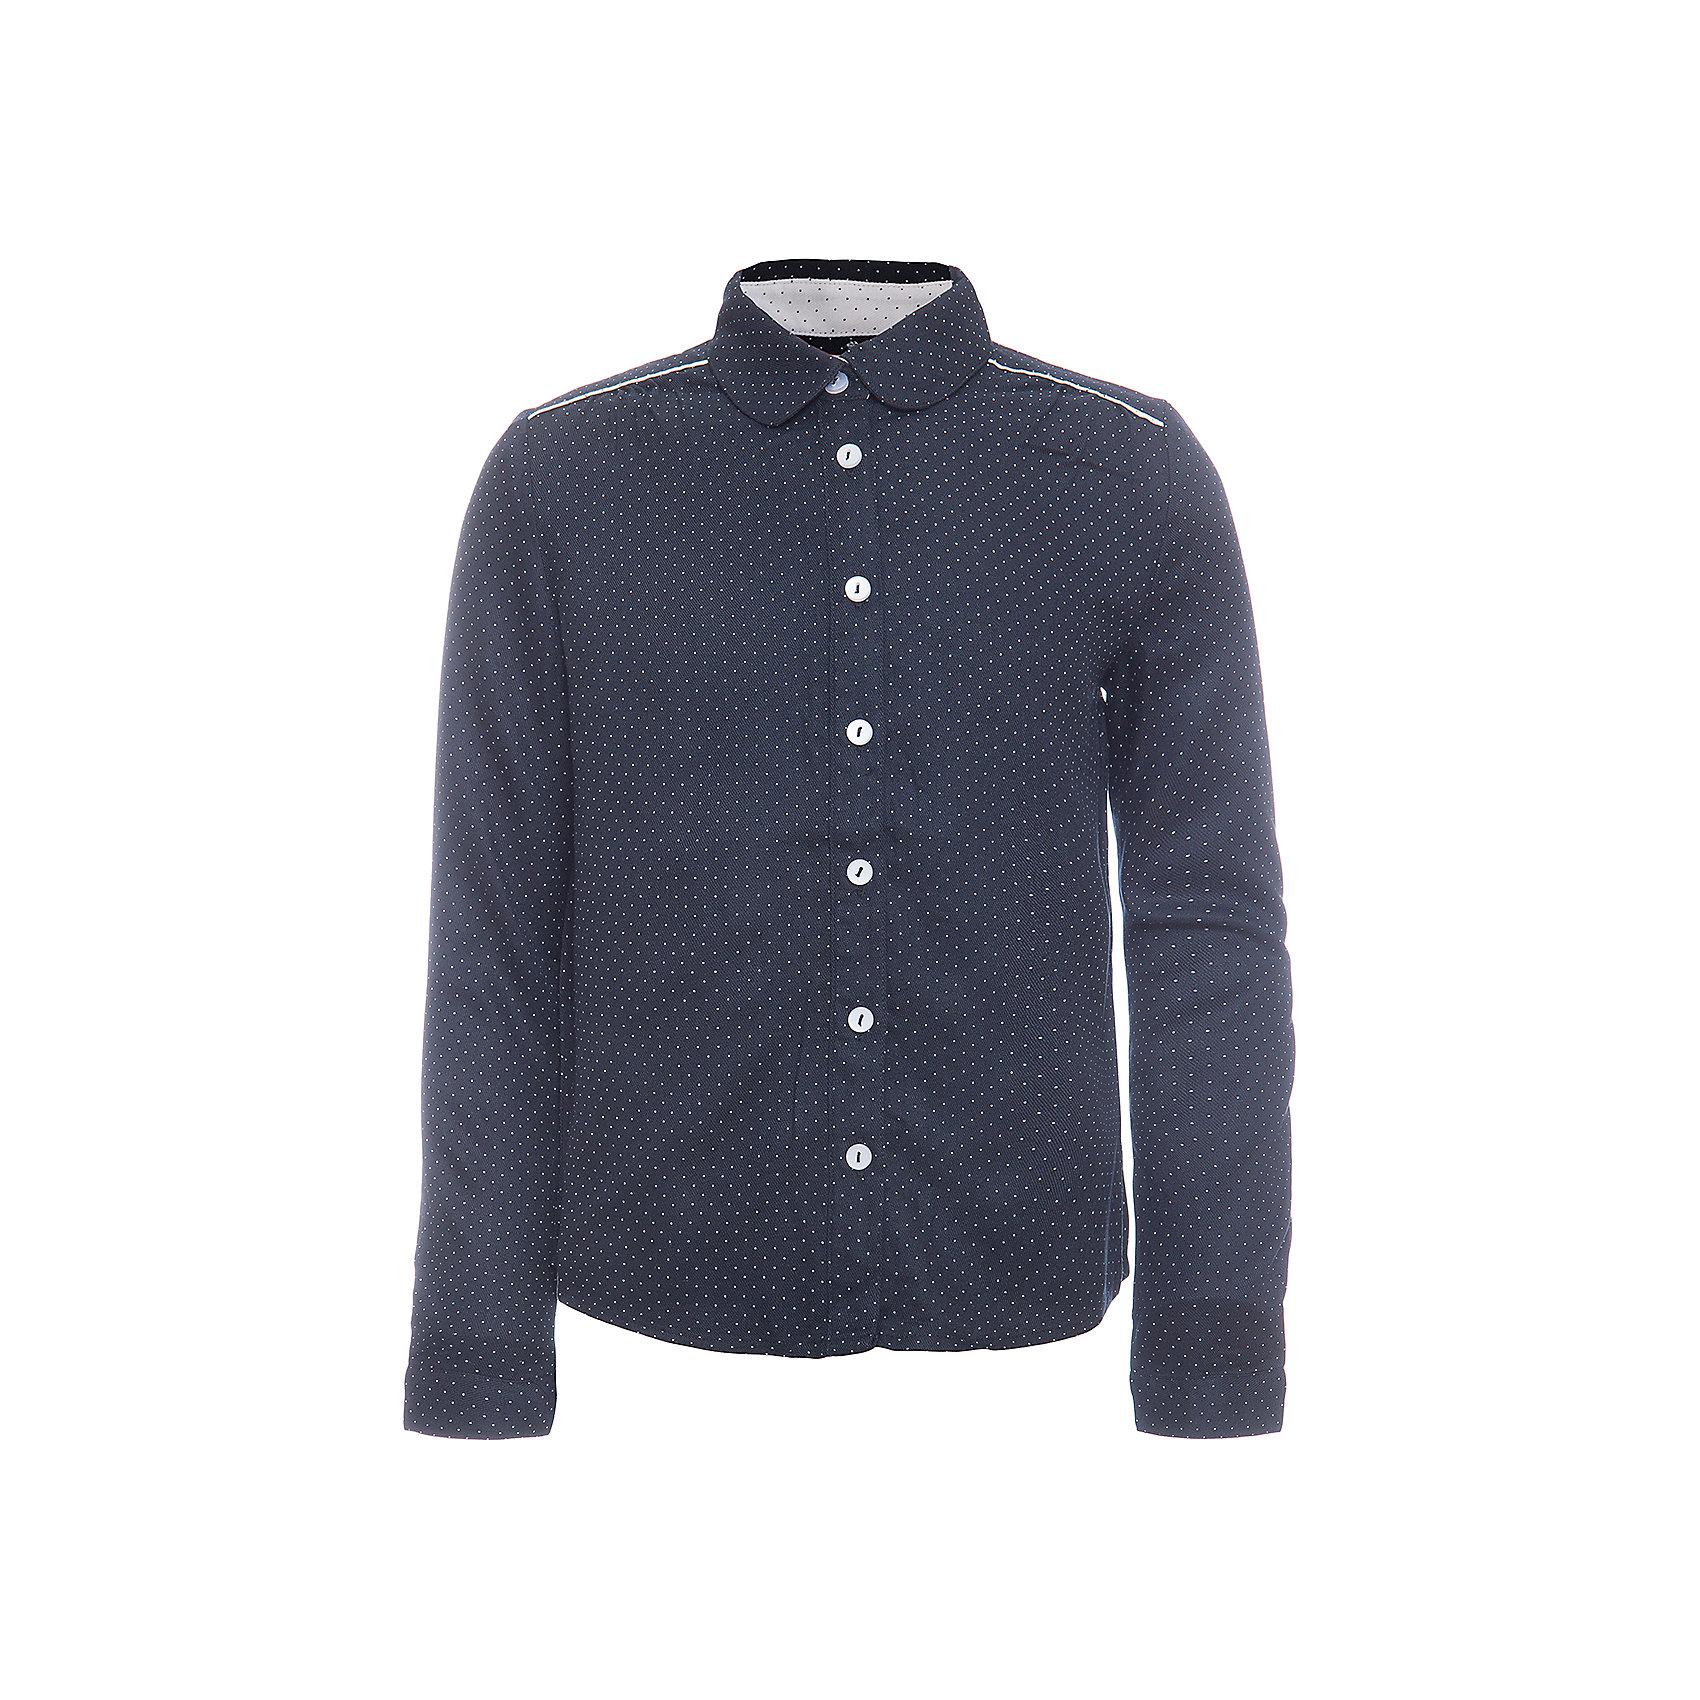 Блузка SELA для девочкиБлузки и рубашки<br>Характеристики товара:<br><br>• цвет: темно-синий;<br>• состав: 100% вискоза;<br>• сезон: демисезон;<br>• особенности: школьная, в горошек, повседневная;<br>• свободный крой;<br>• застежка: пуговицы;<br>• манжеты на пуговице;<br>• рукав: длинный;<br>• страна бренда: Россия;<br>• страна изготовитель: Китай.<br><br>Блузка с длинным рукавом для девочки. Школьная блузка астегивается на пуговицы, манжеты на одной пуговице. Синяя блузка в мелкий горошек.<br><br>Блузку Sela (Села) для девочки можно купить в нашем интернет-магазине.<br><br>Ширина мм: 186<br>Глубина мм: 87<br>Высота мм: 198<br>Вес г: 197<br>Цвет: темно-синий<br>Возраст от месяцев: 72<br>Возраст до месяцев: 84<br>Пол: Женский<br>Возраст: Детский<br>Размер: 122,164,128,134,140,146,152<br>SKU: 7009477